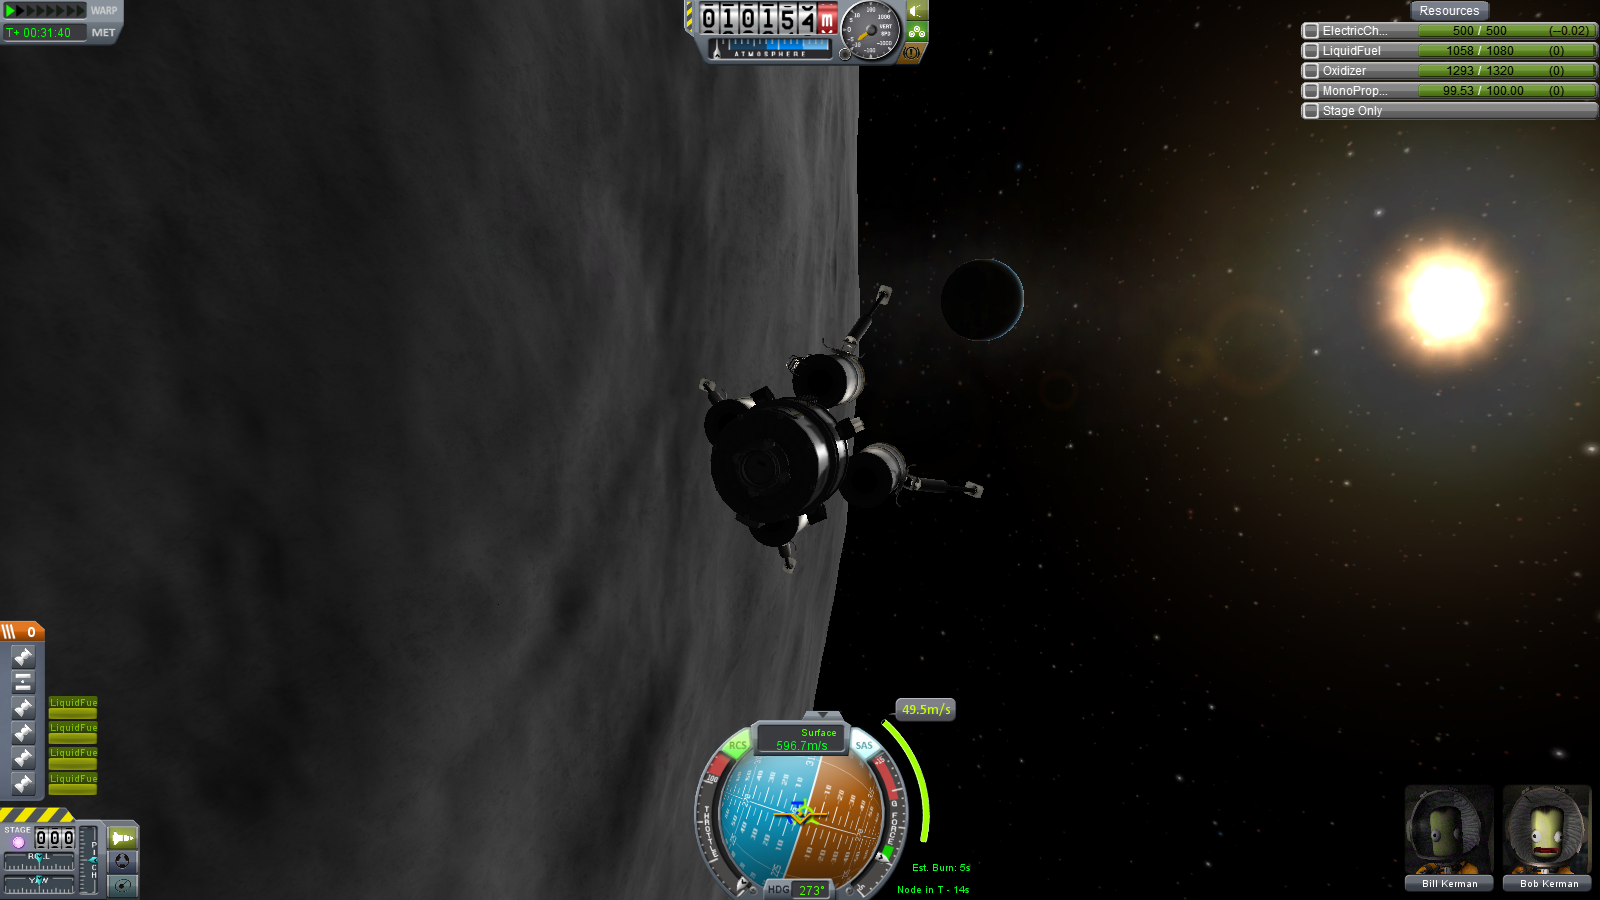 kerbal space program apollo 11 mod - photo #30